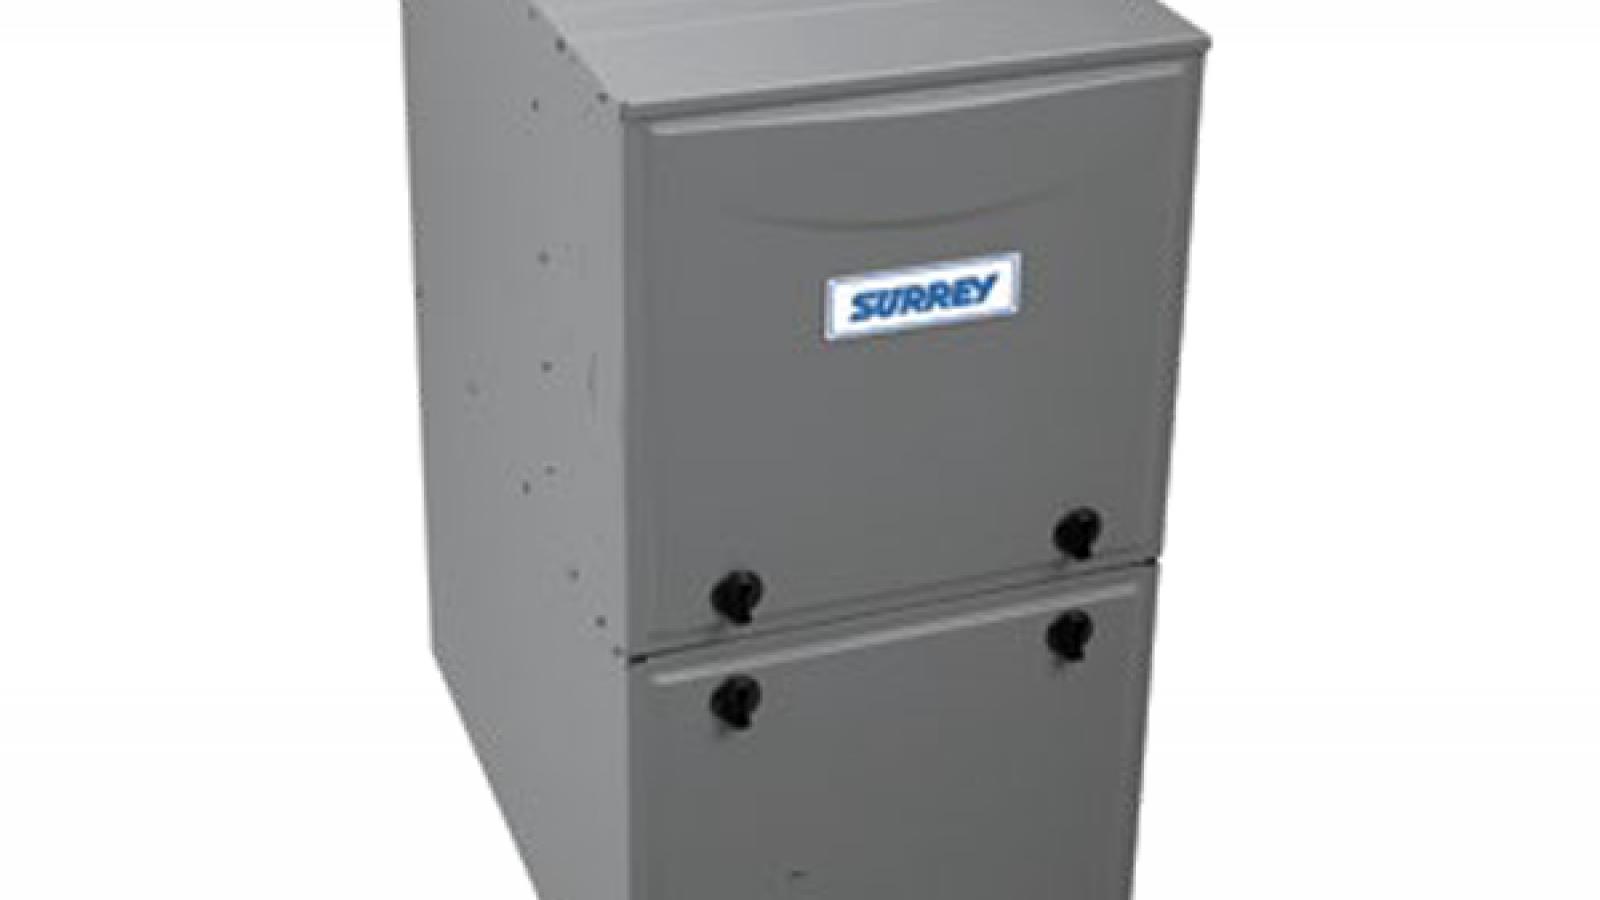 Calefactor a gas Surrey